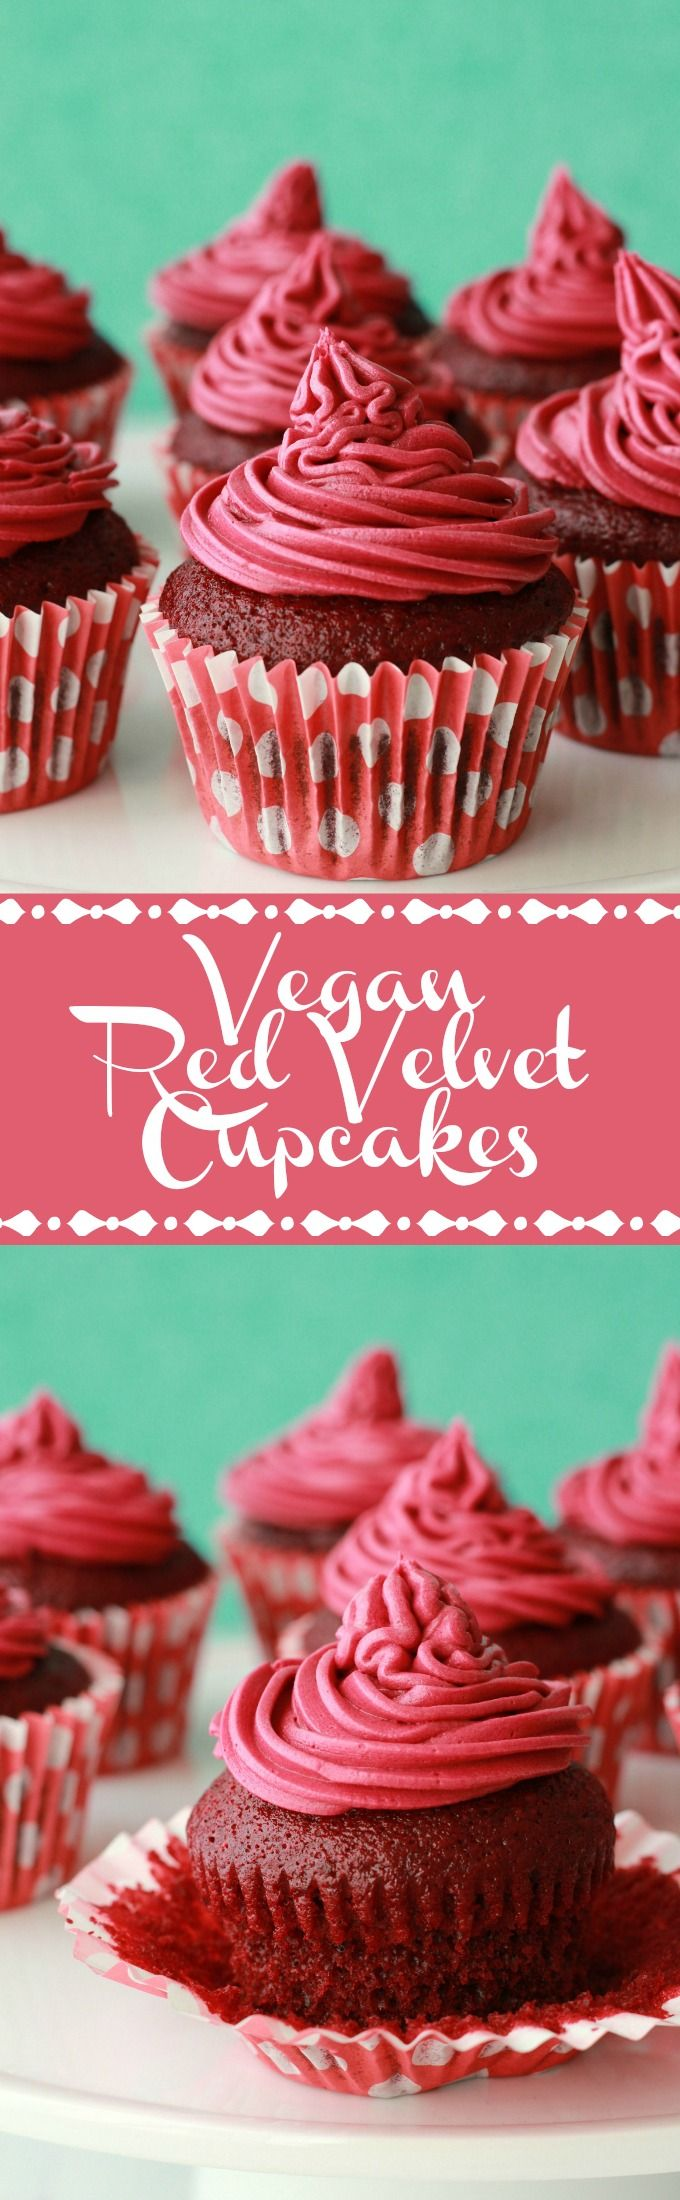 Vegan Red Velvet Cupcakes with Red Velvet Frosting #vegan #lovingitvegan…